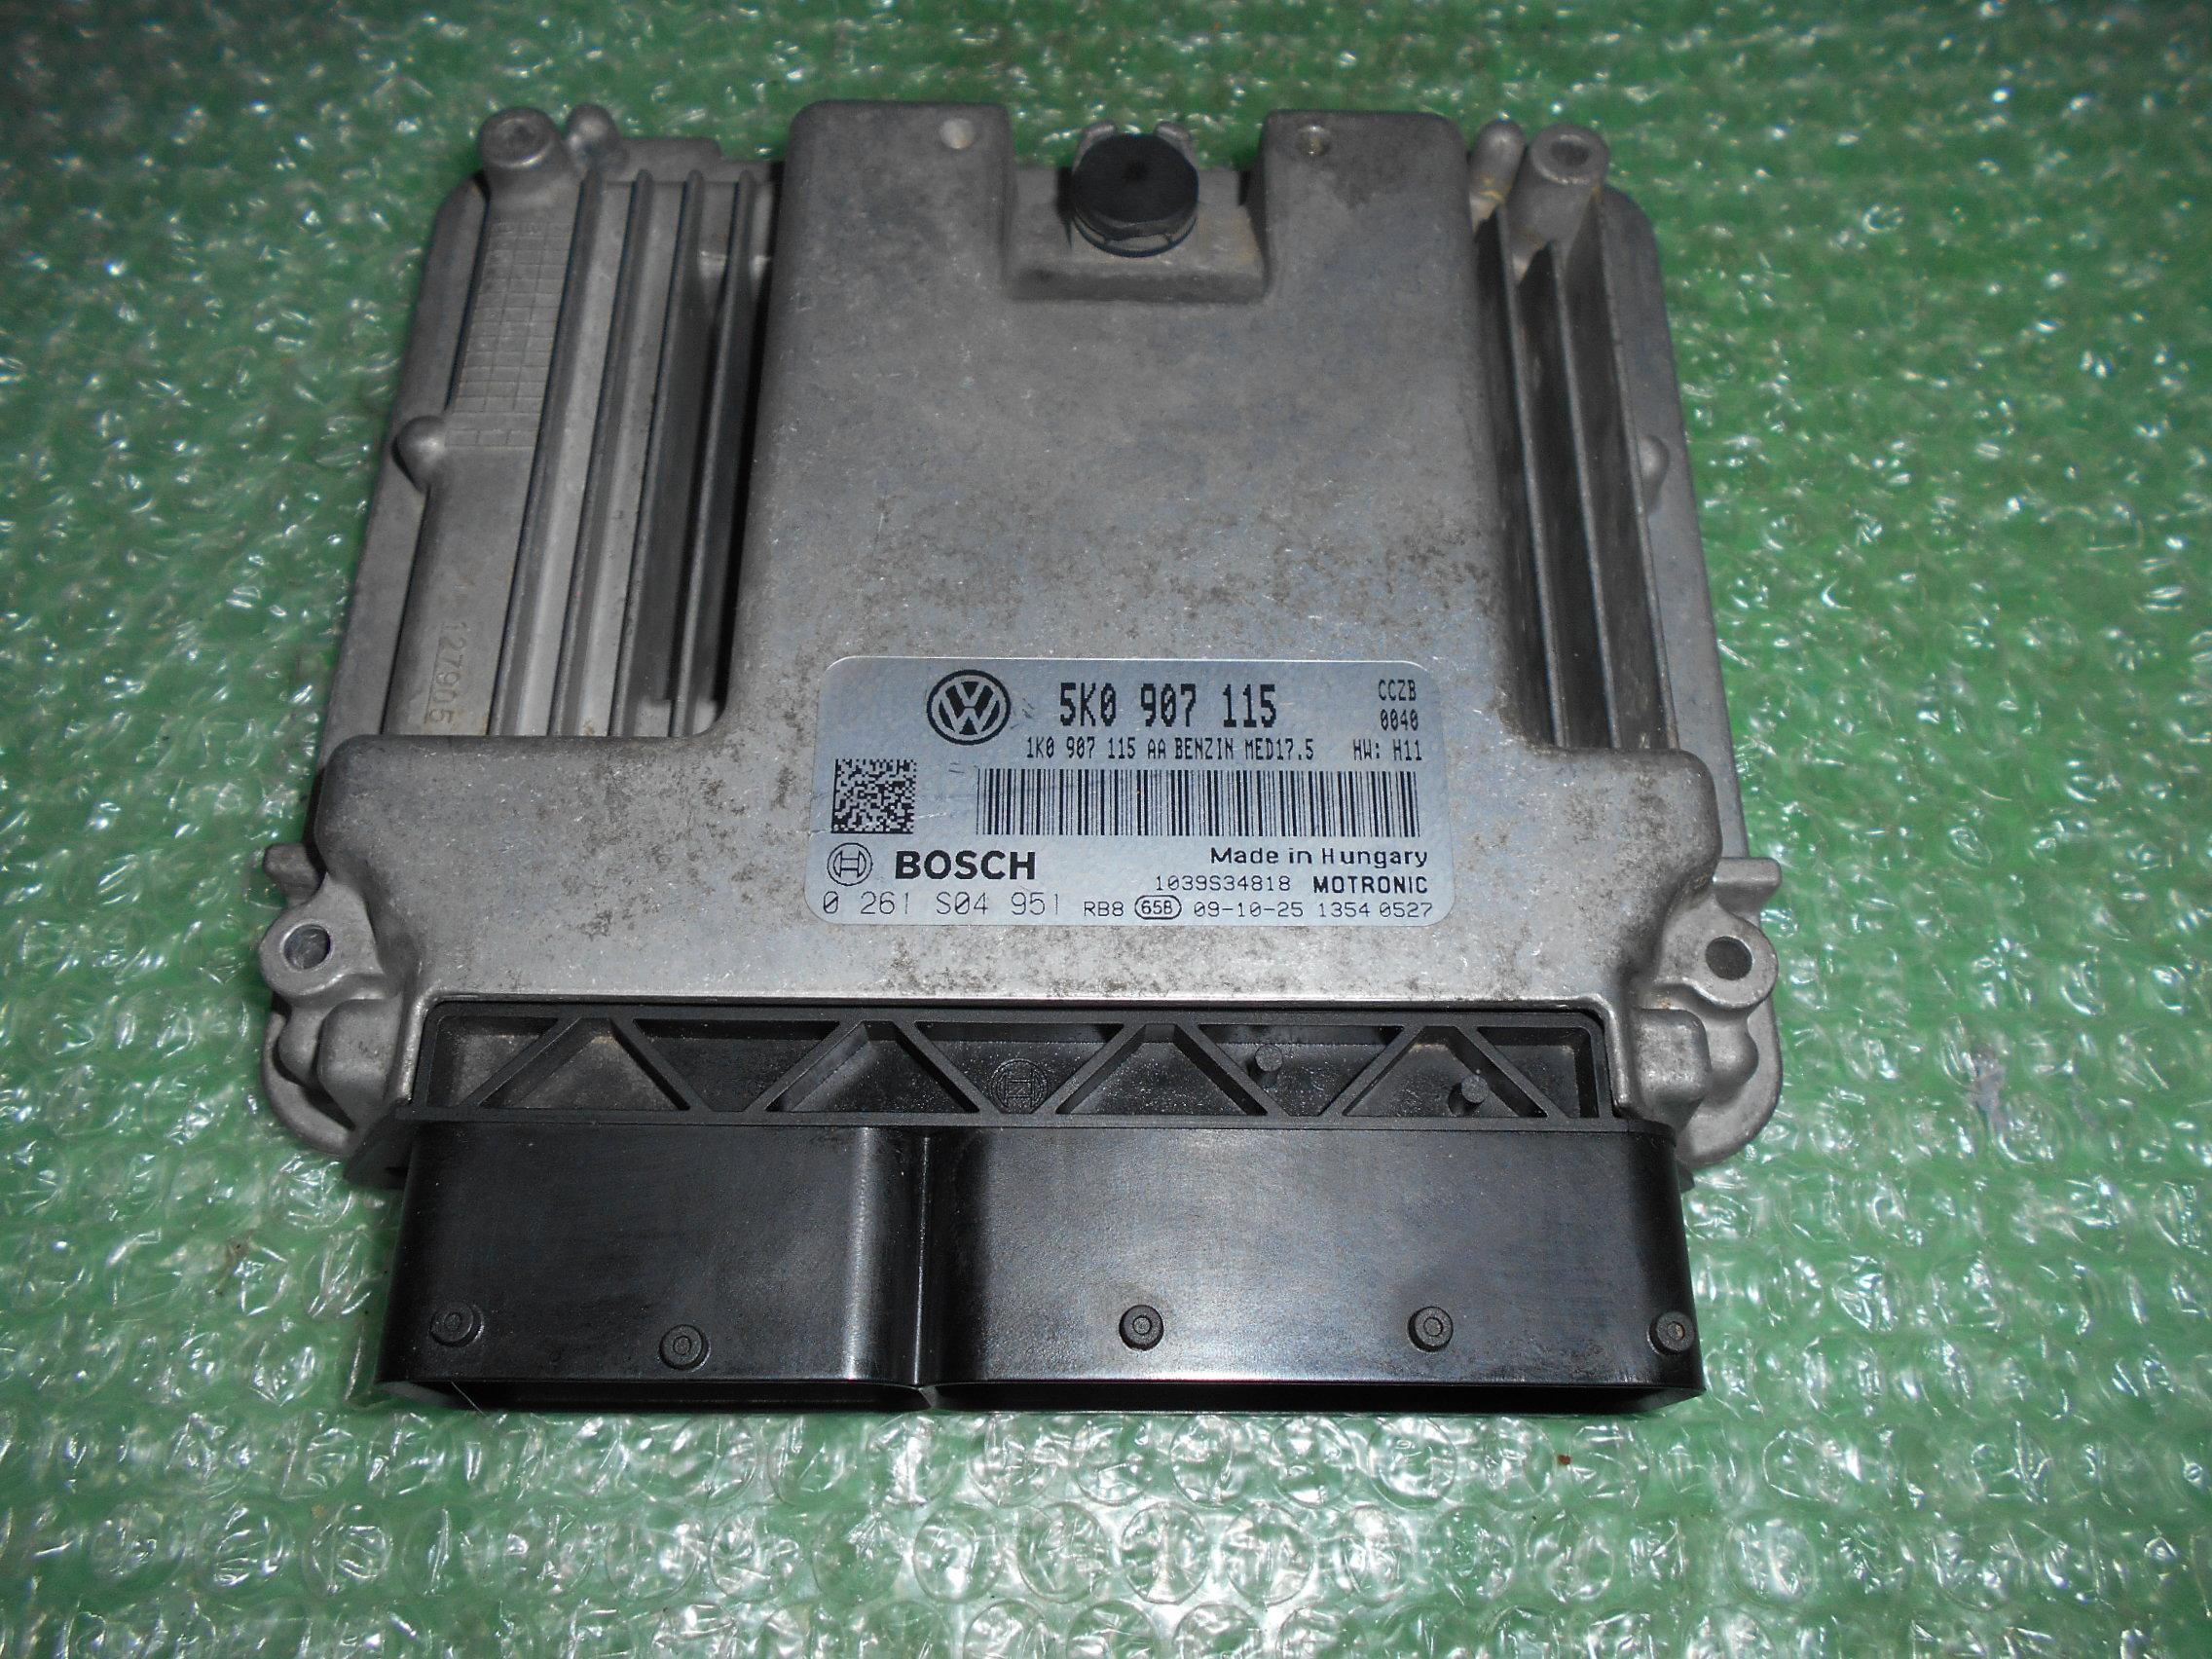 CENTRALITA UCE MOTOR 5K0907115 – BOSCH 0261S04951 VW GOLF VI 2.0 GTI TSFI (211CV)(2008-2015)